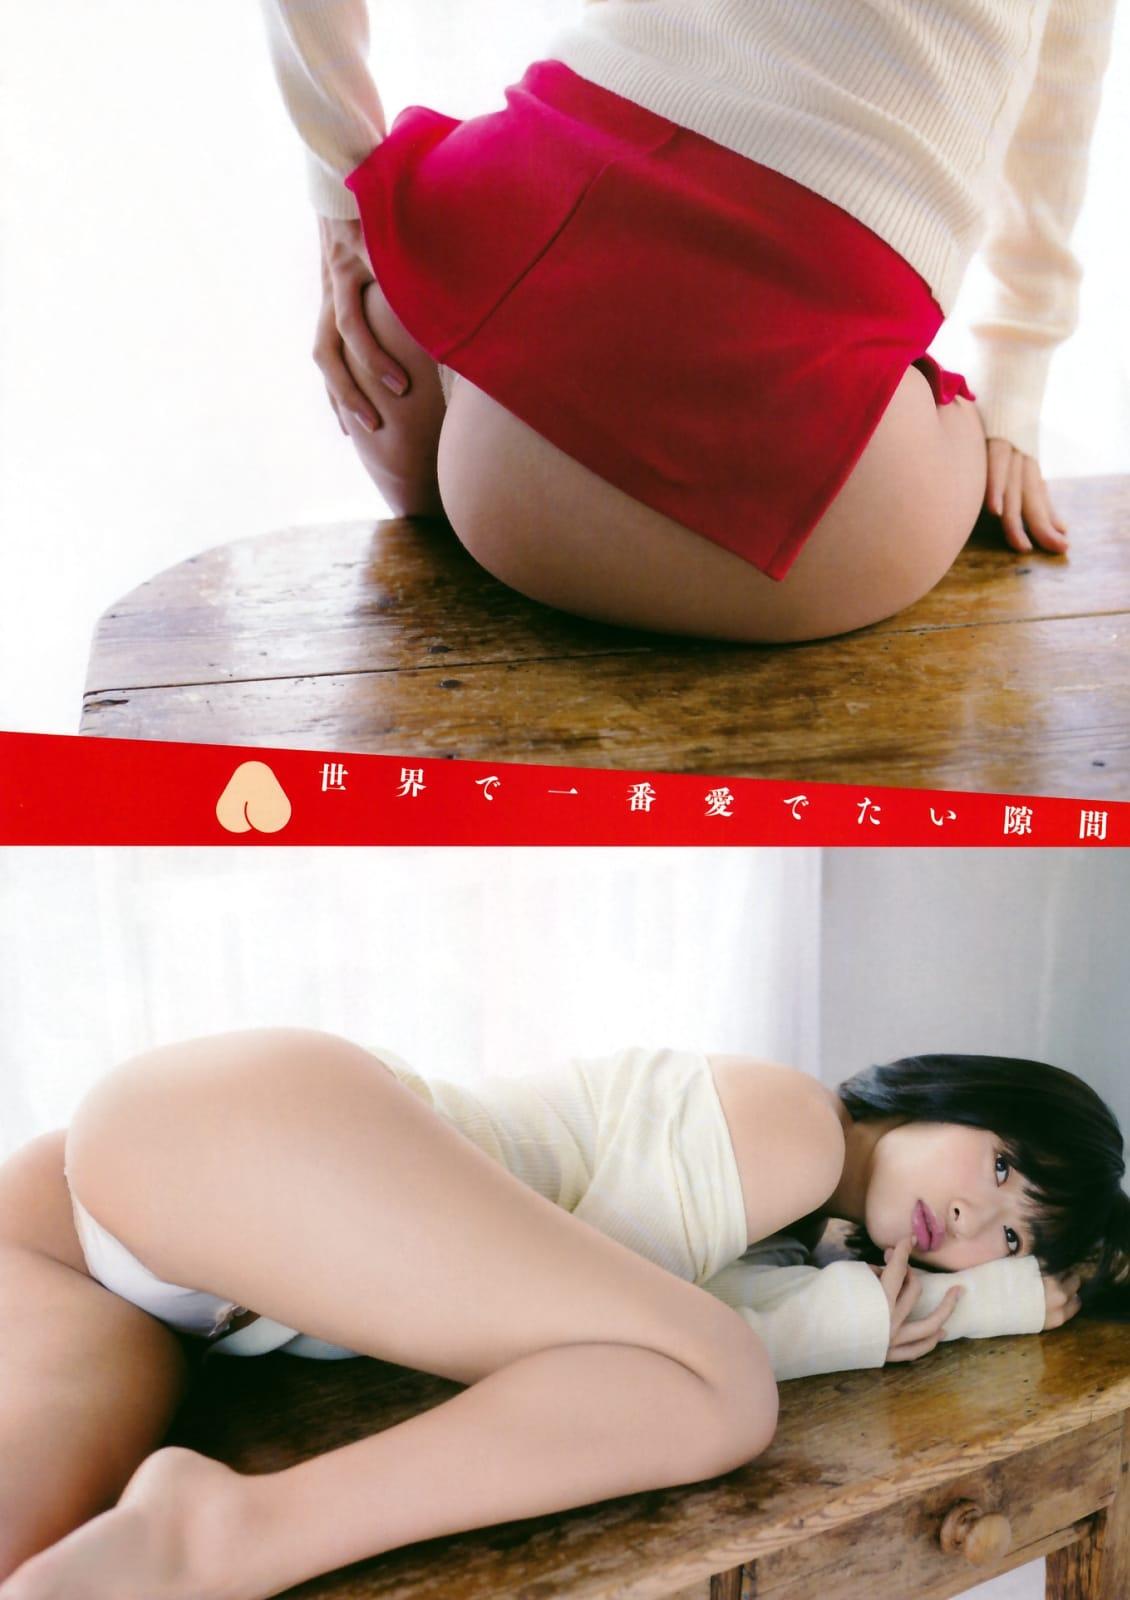 「ヤングチャンピオン烈 2016 No.4」倉持由香の水着グラビア